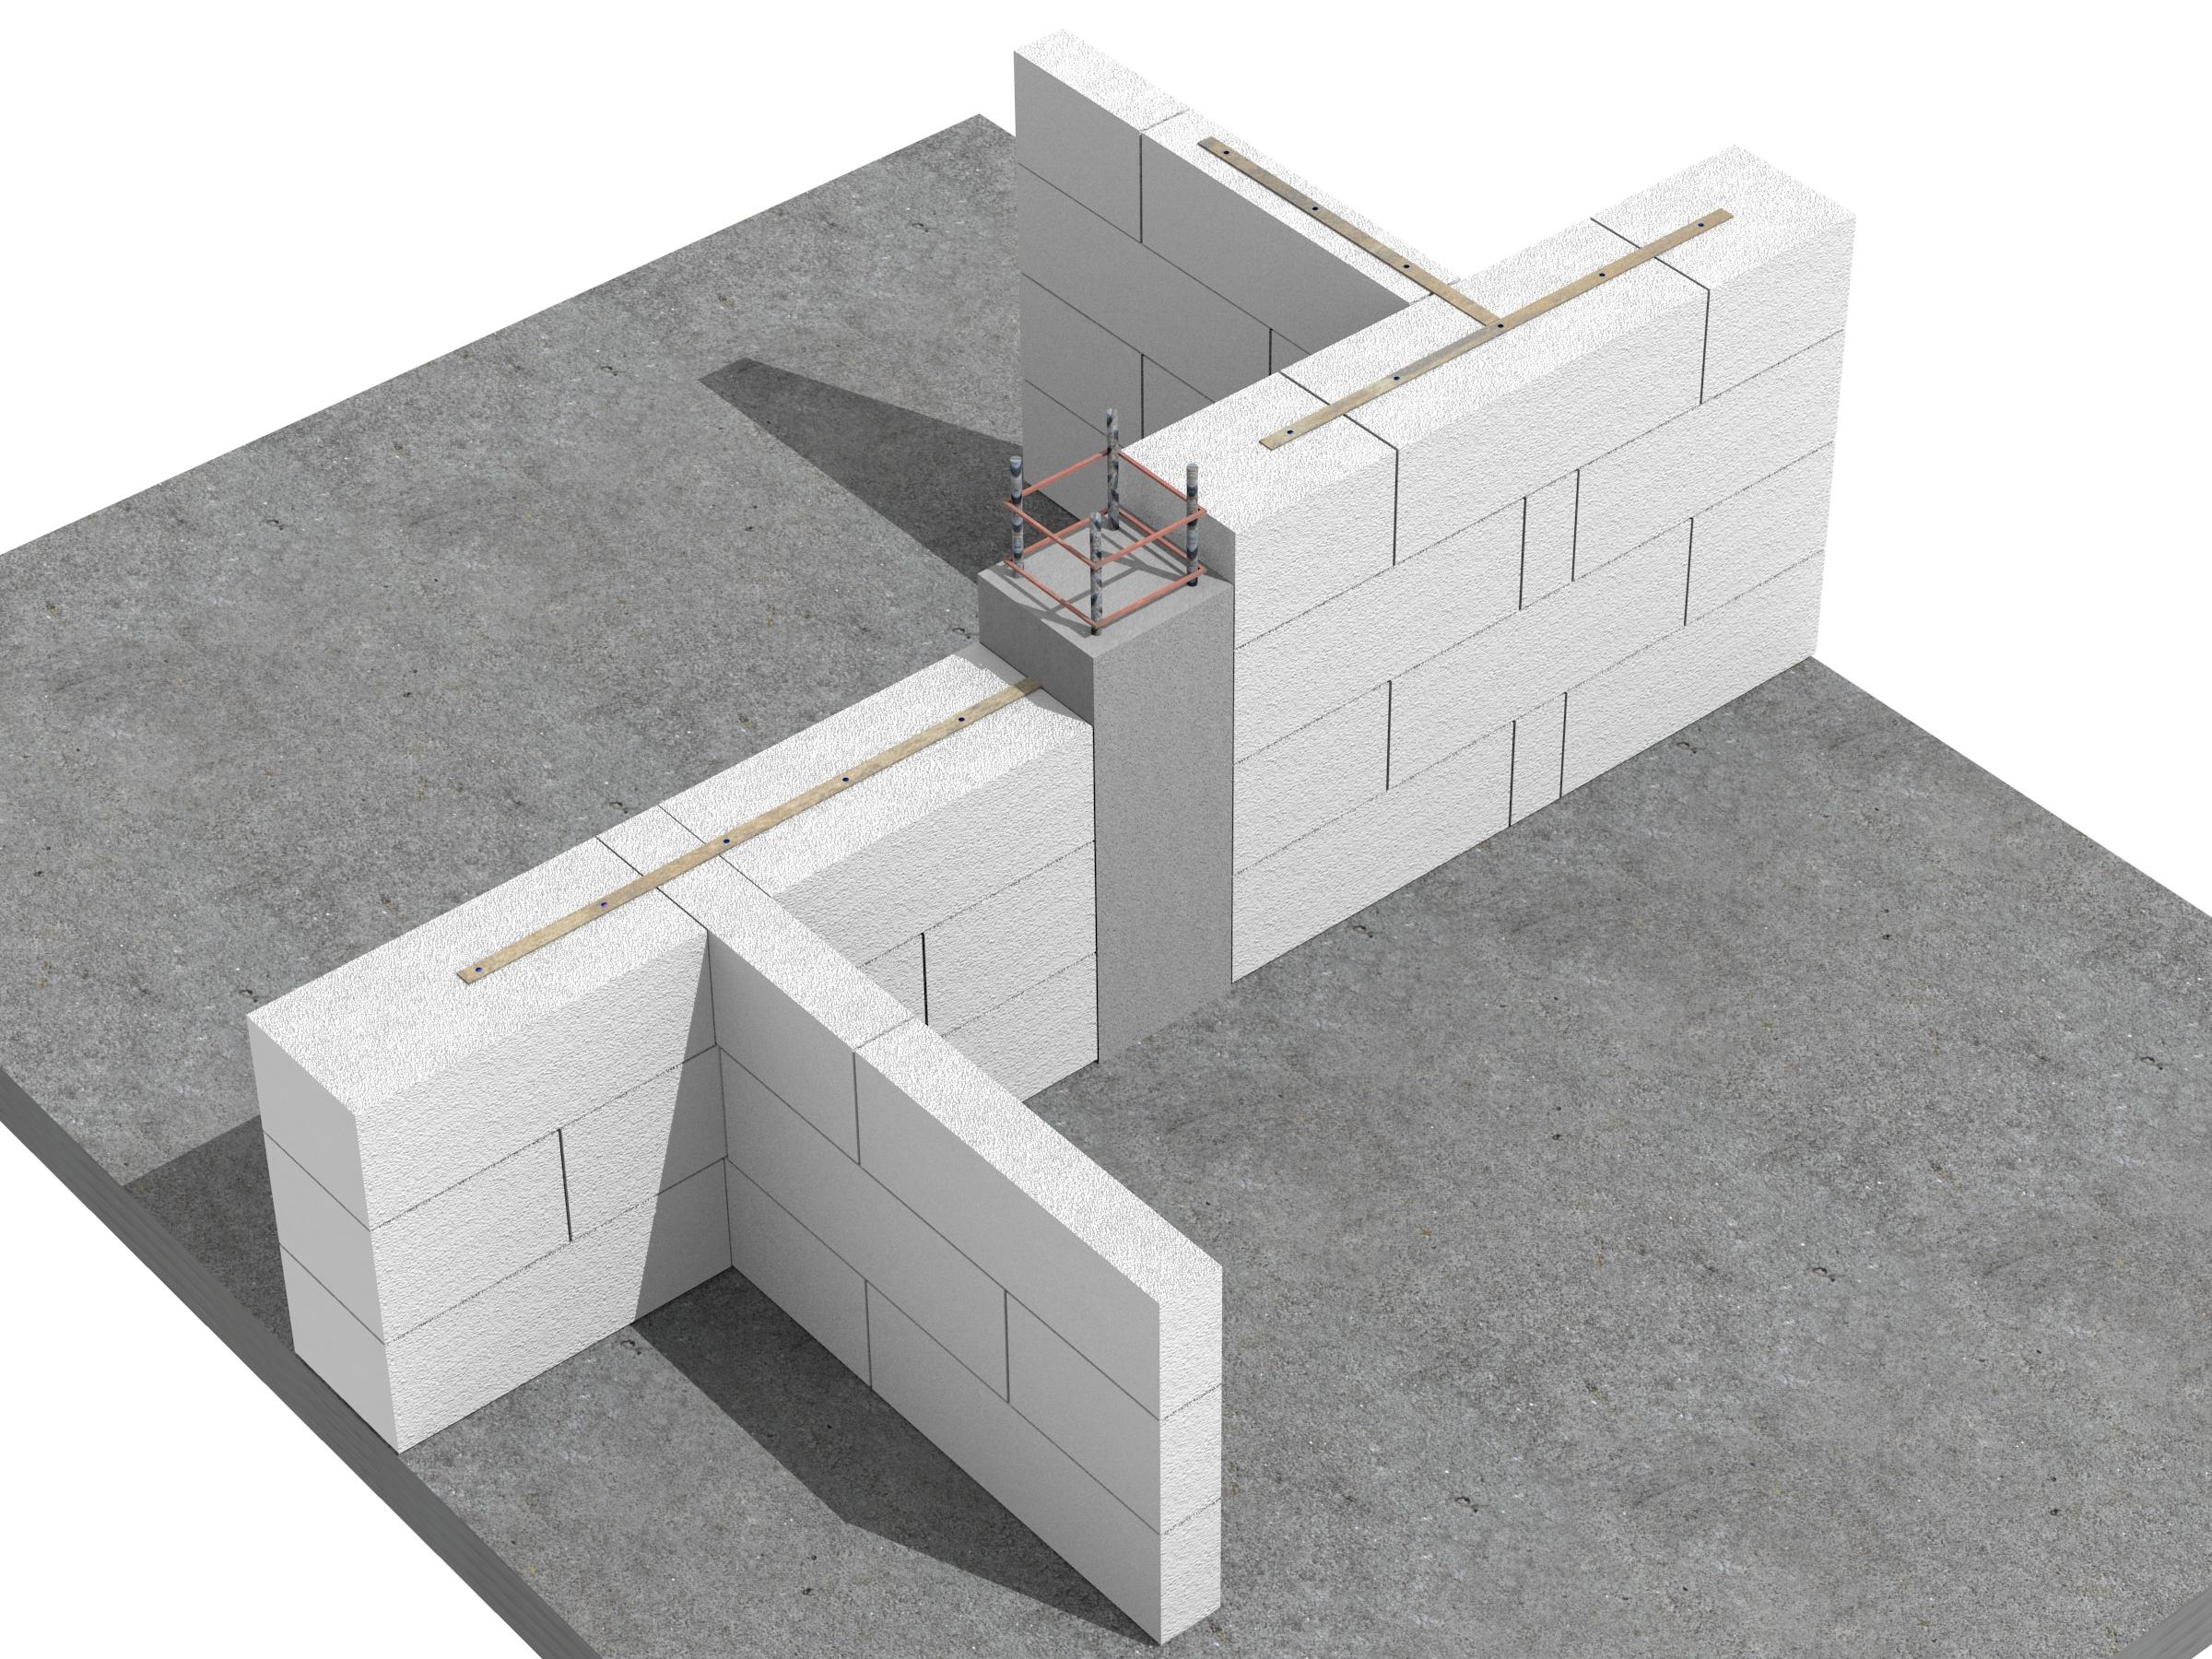 Detaliu de executie pereti de compartimentare - Pereti de compartimentare